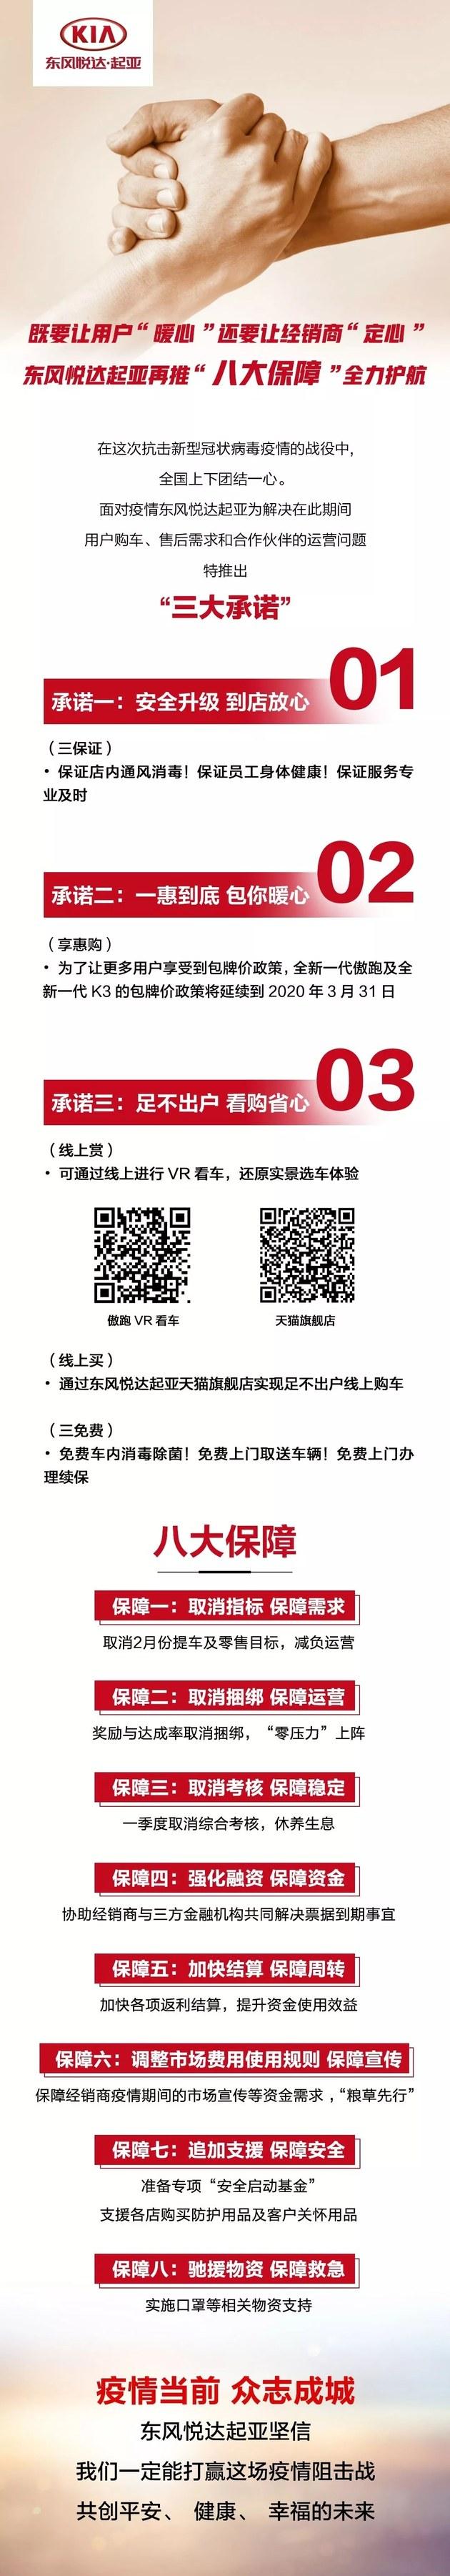 """沐鸣2首页_团结一心 东风悦达起亚为经销商""""出招"""""""